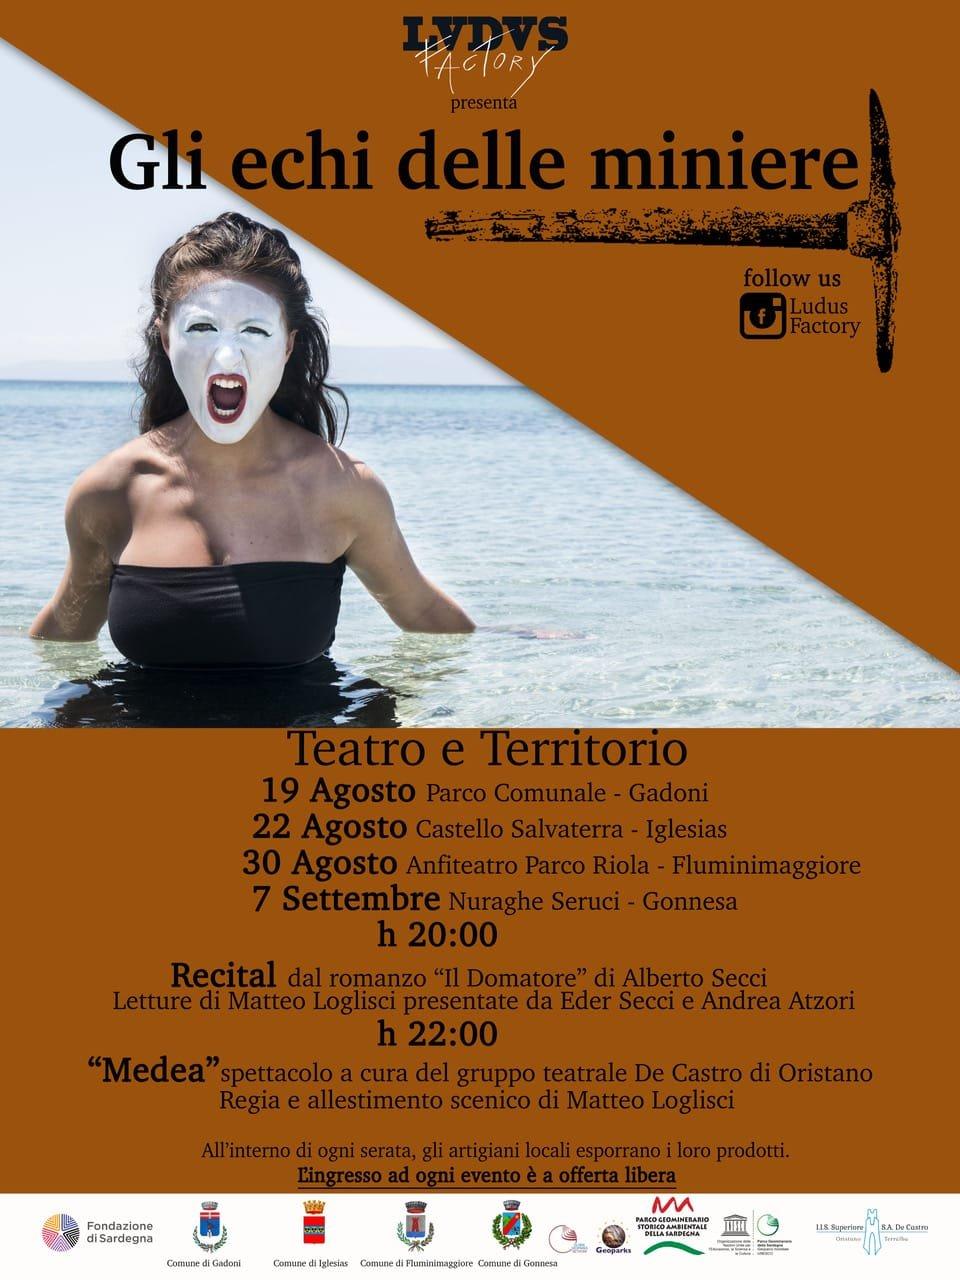 """Sabato mattina, a Iglesias, verrà presentata la rassegna teatrale """"Gli echi delle miniere""""."""